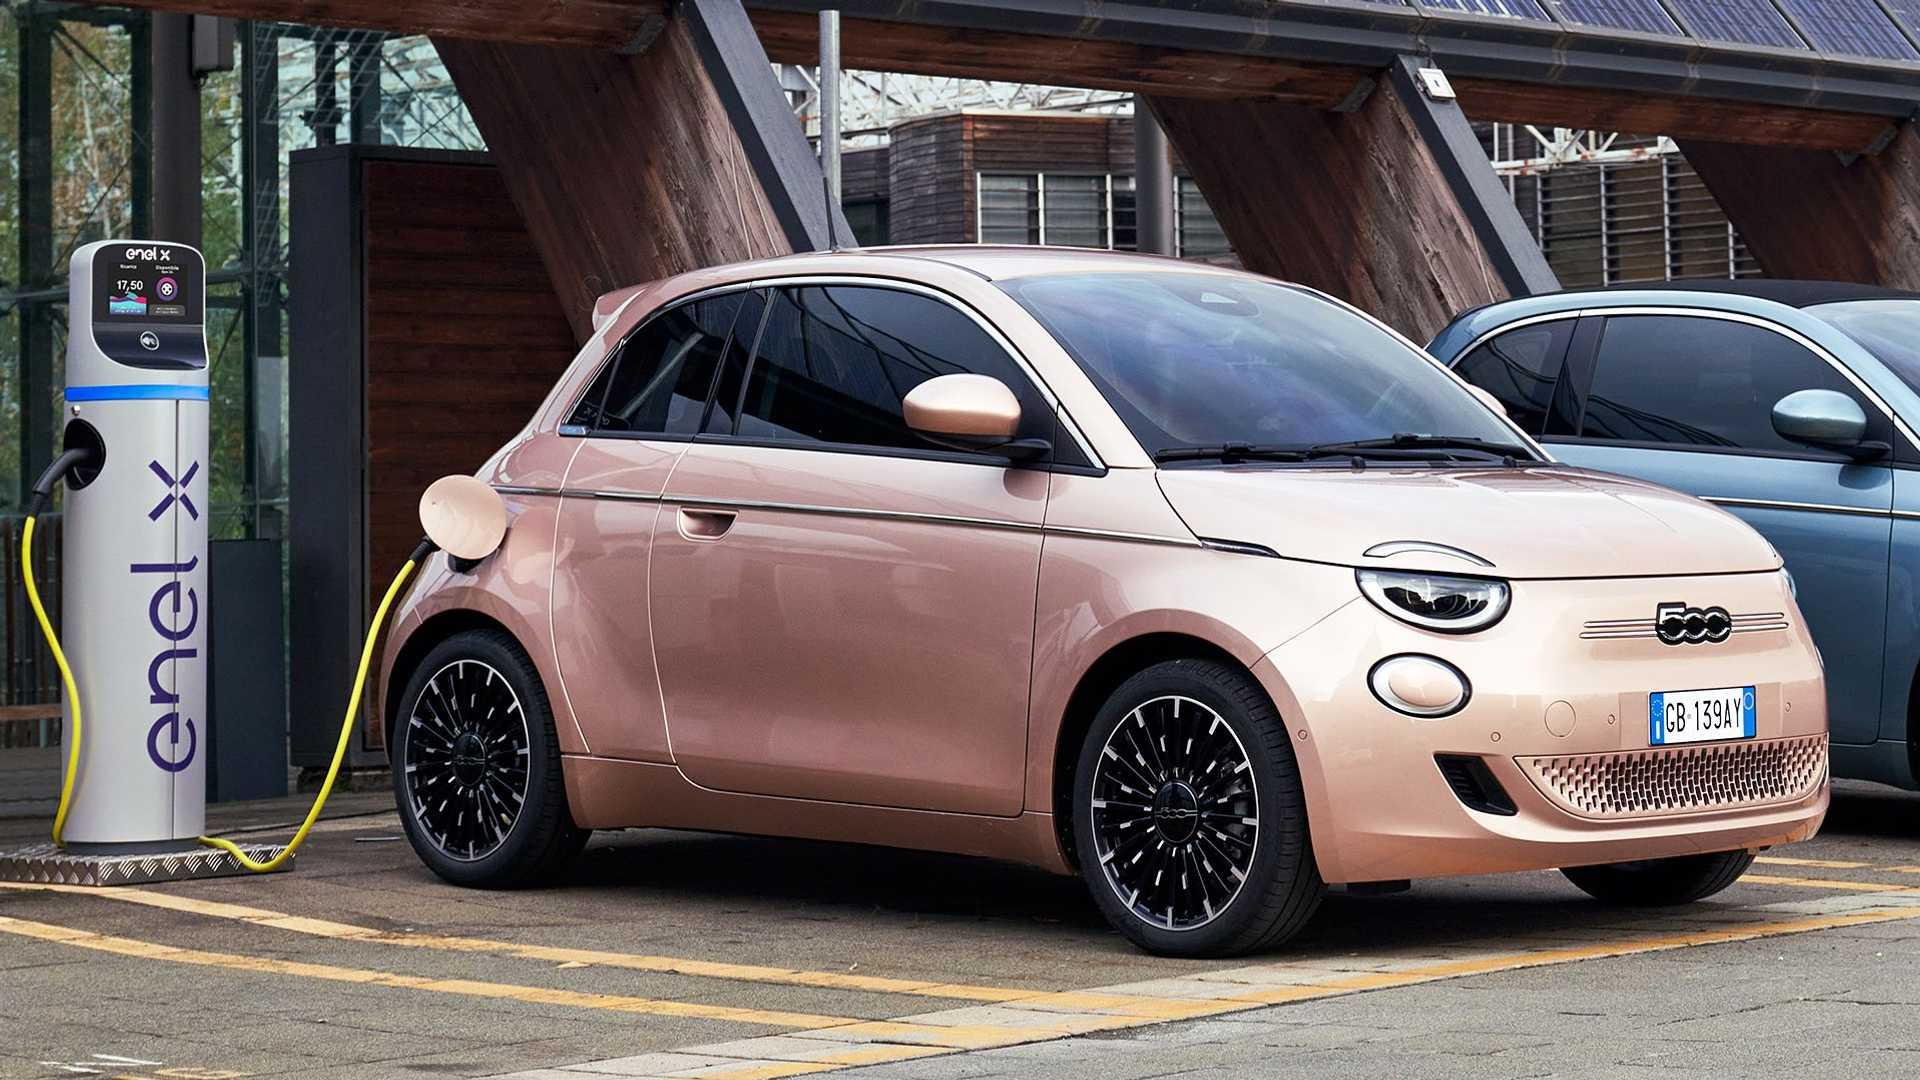 Neuer Fiat 500 Elektro macht den Einstieg leicht - Edison ...